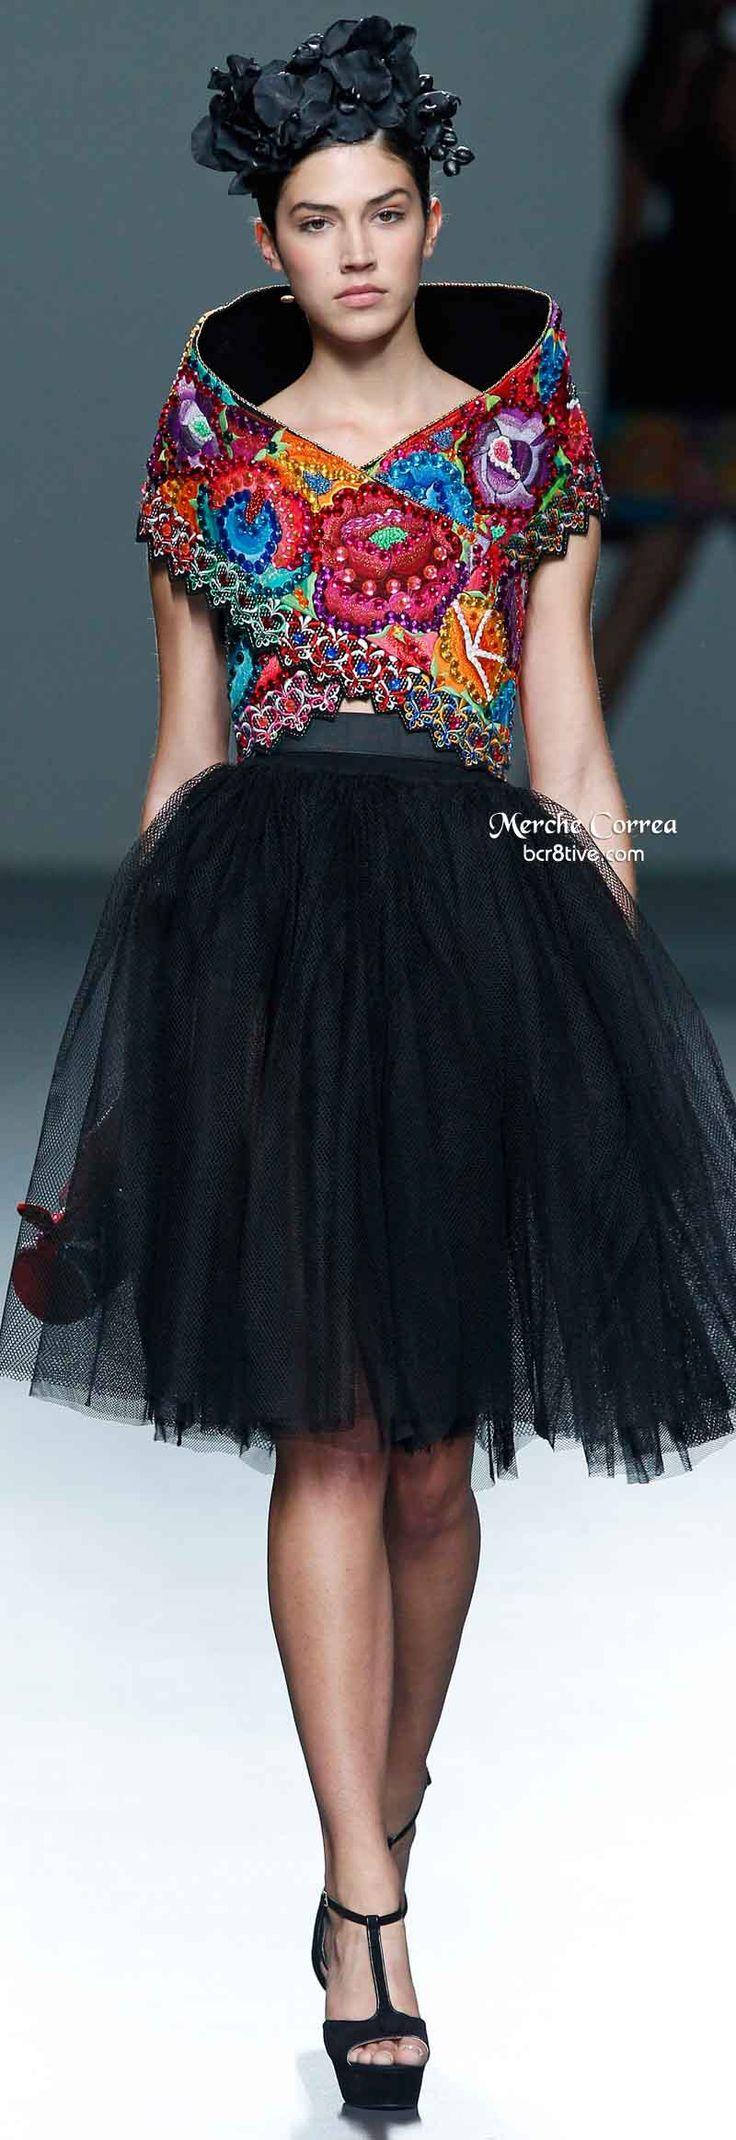 Farb-und Stilberatung mit www.farben-reich.com - Merche Correa Spring 2014     jaglady